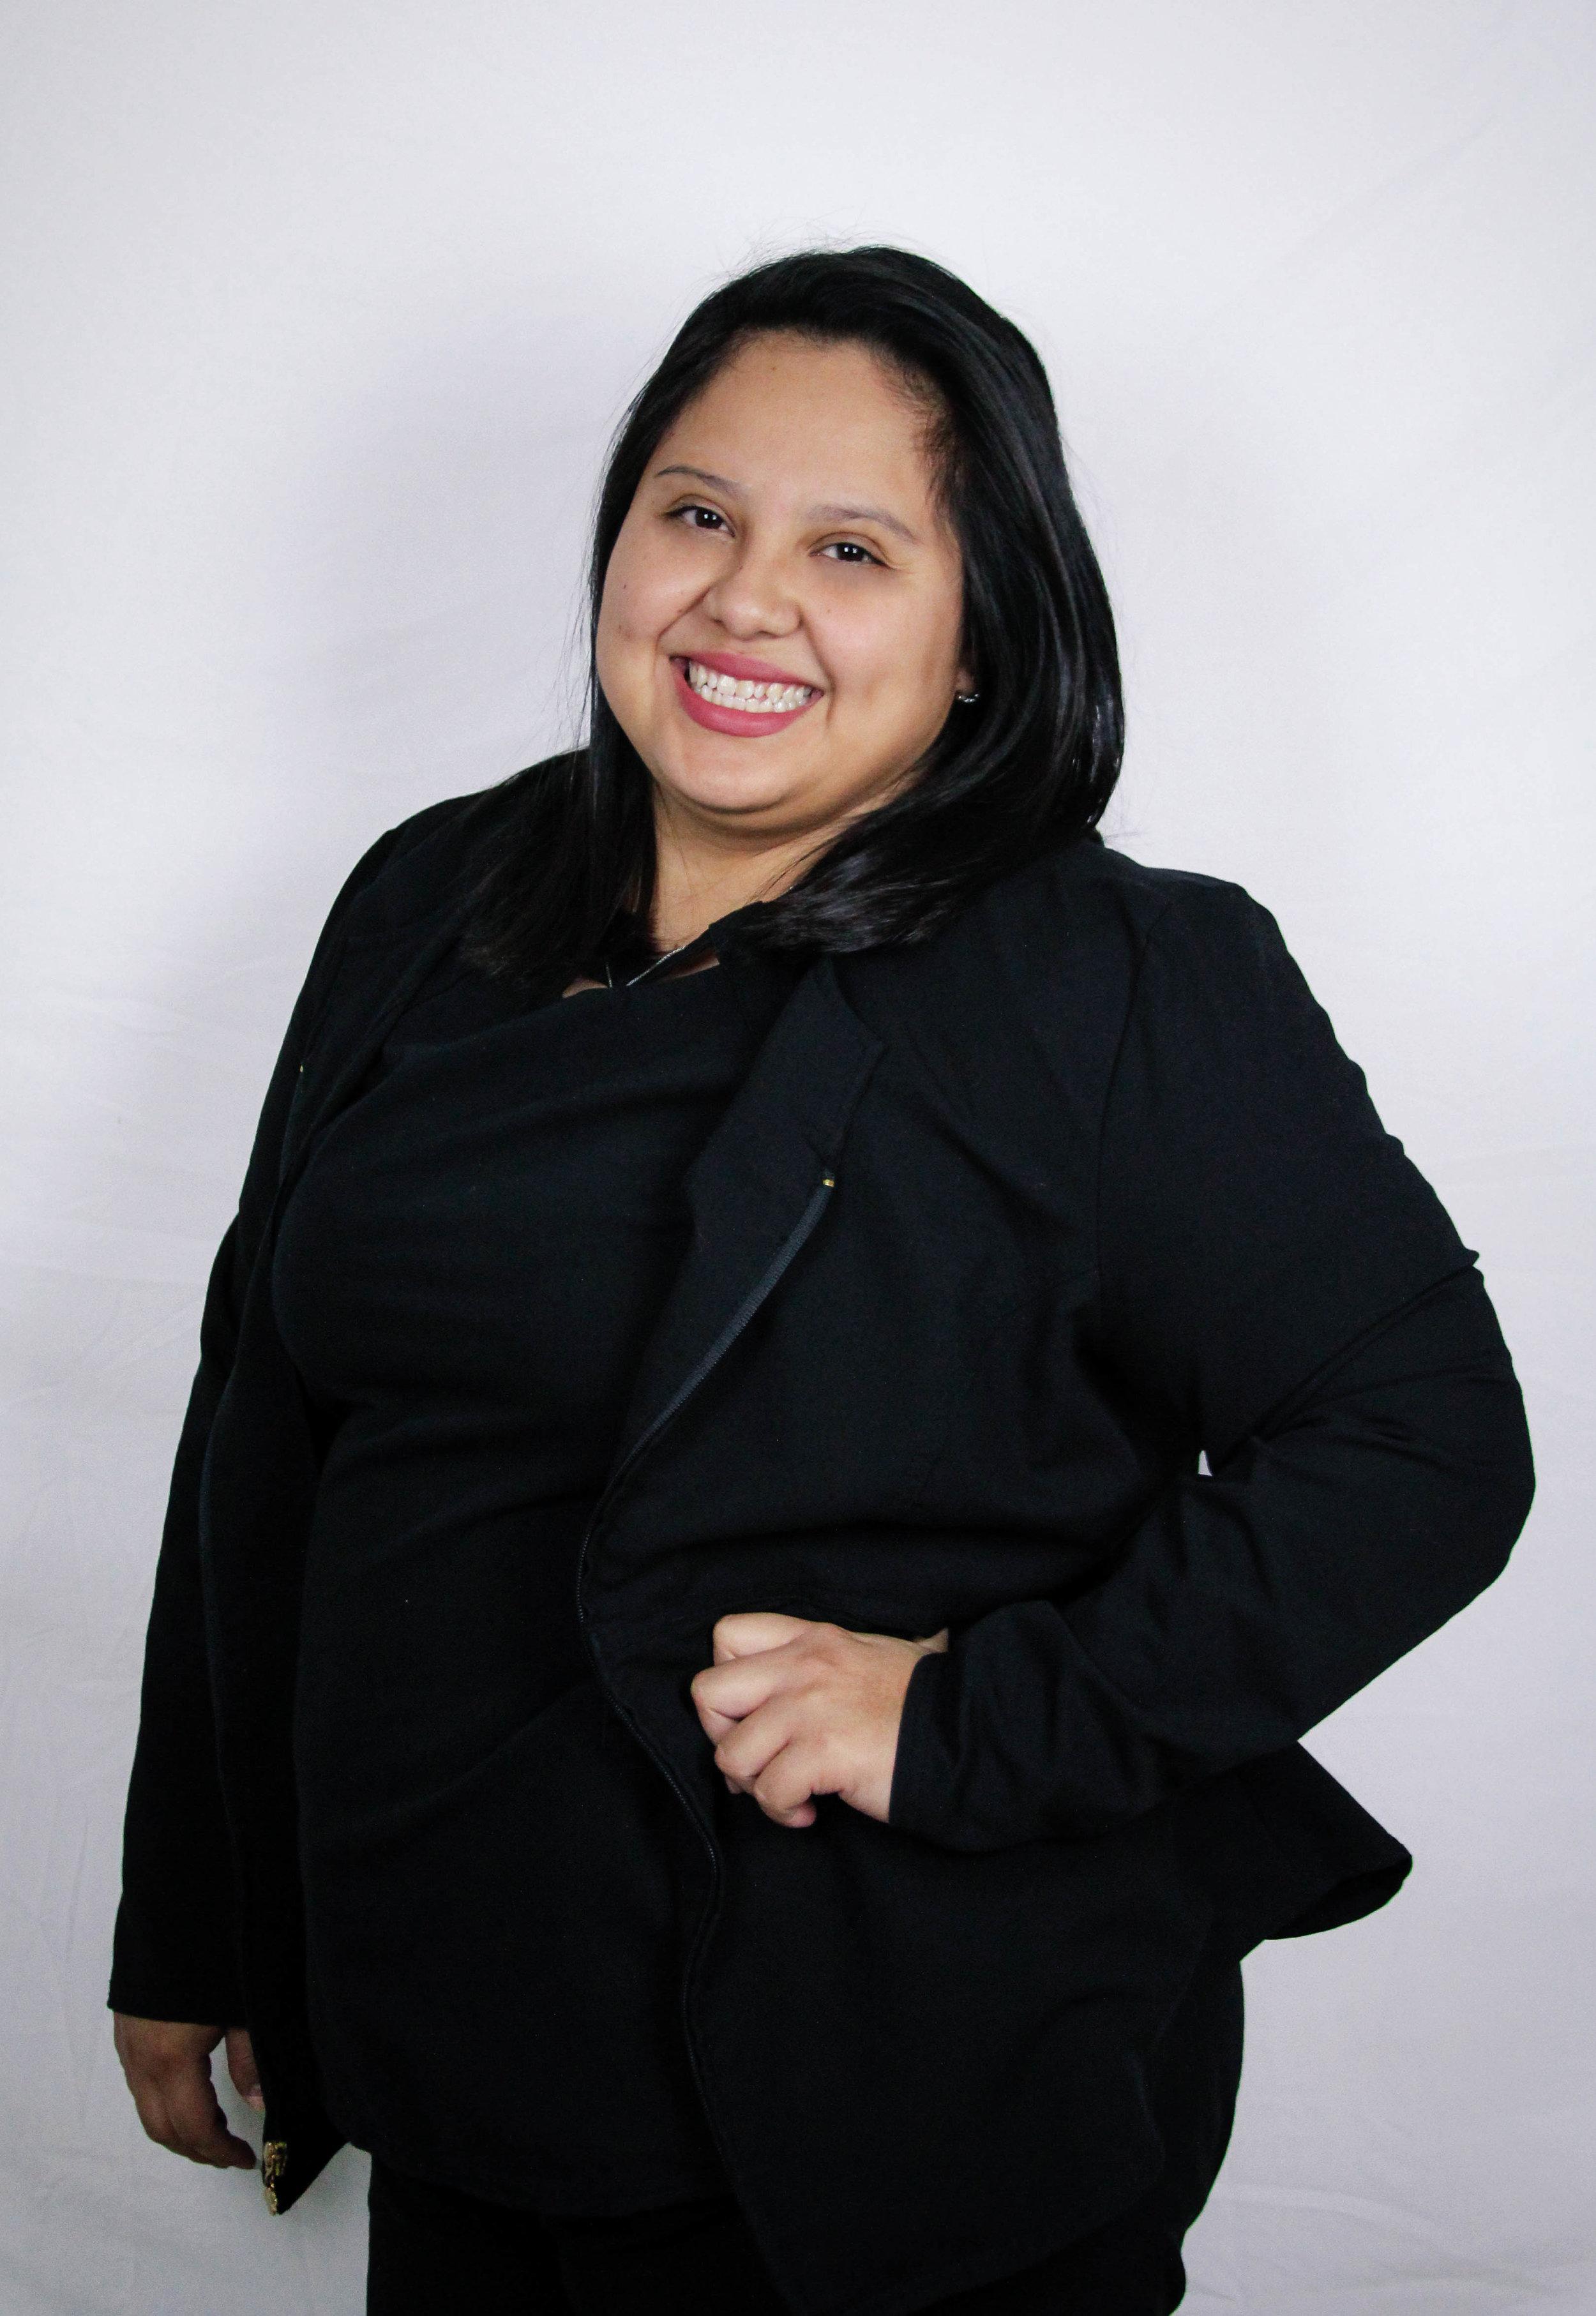 Ana, Registered Dental Assistant